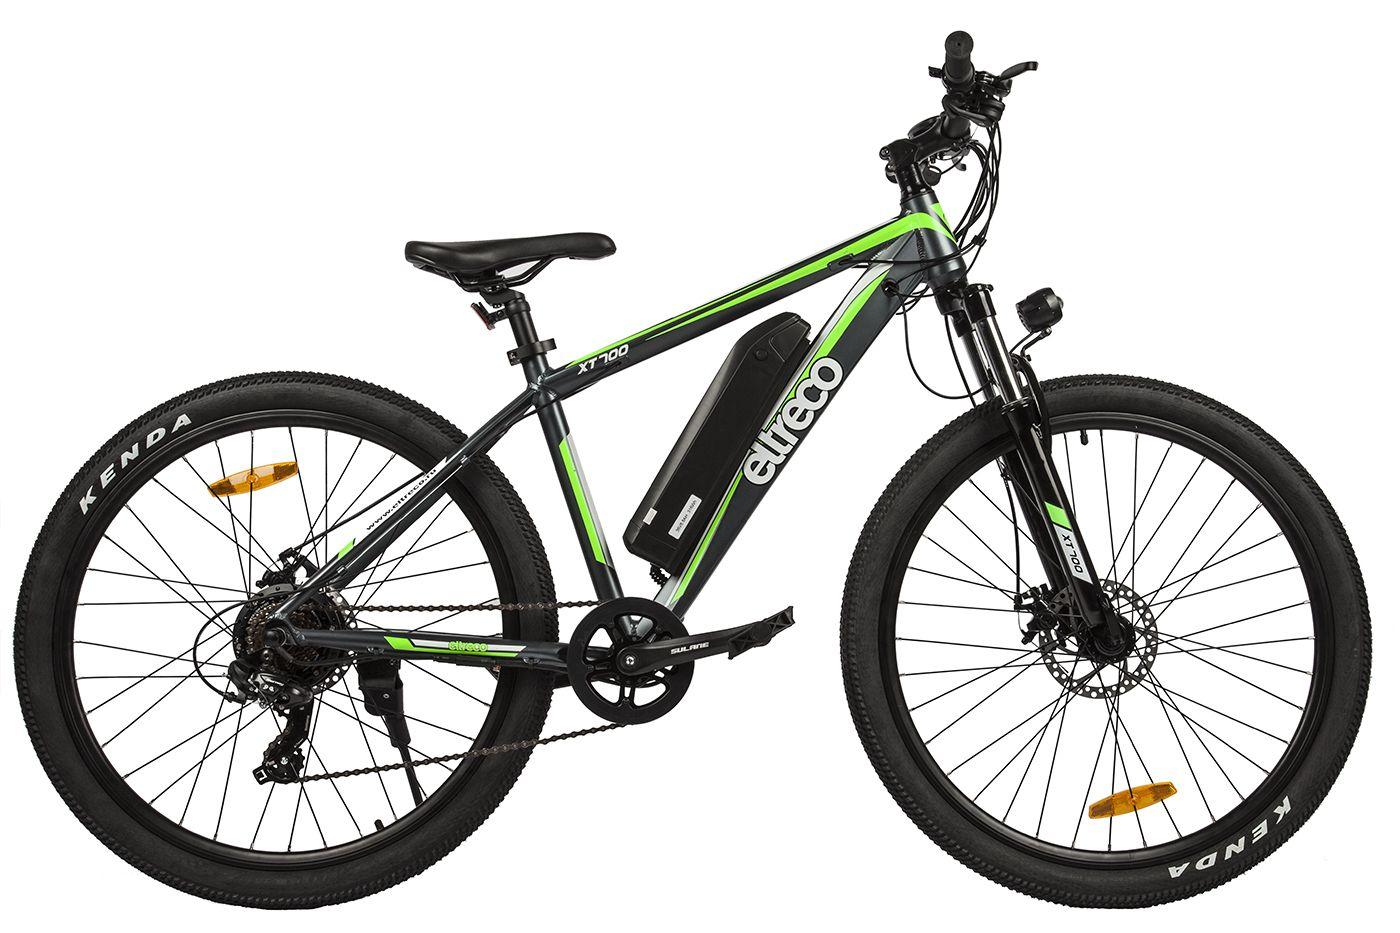 Велосипед Eltreco XT-700 2018 велосипед eltreco ecoffect urban runner 2017